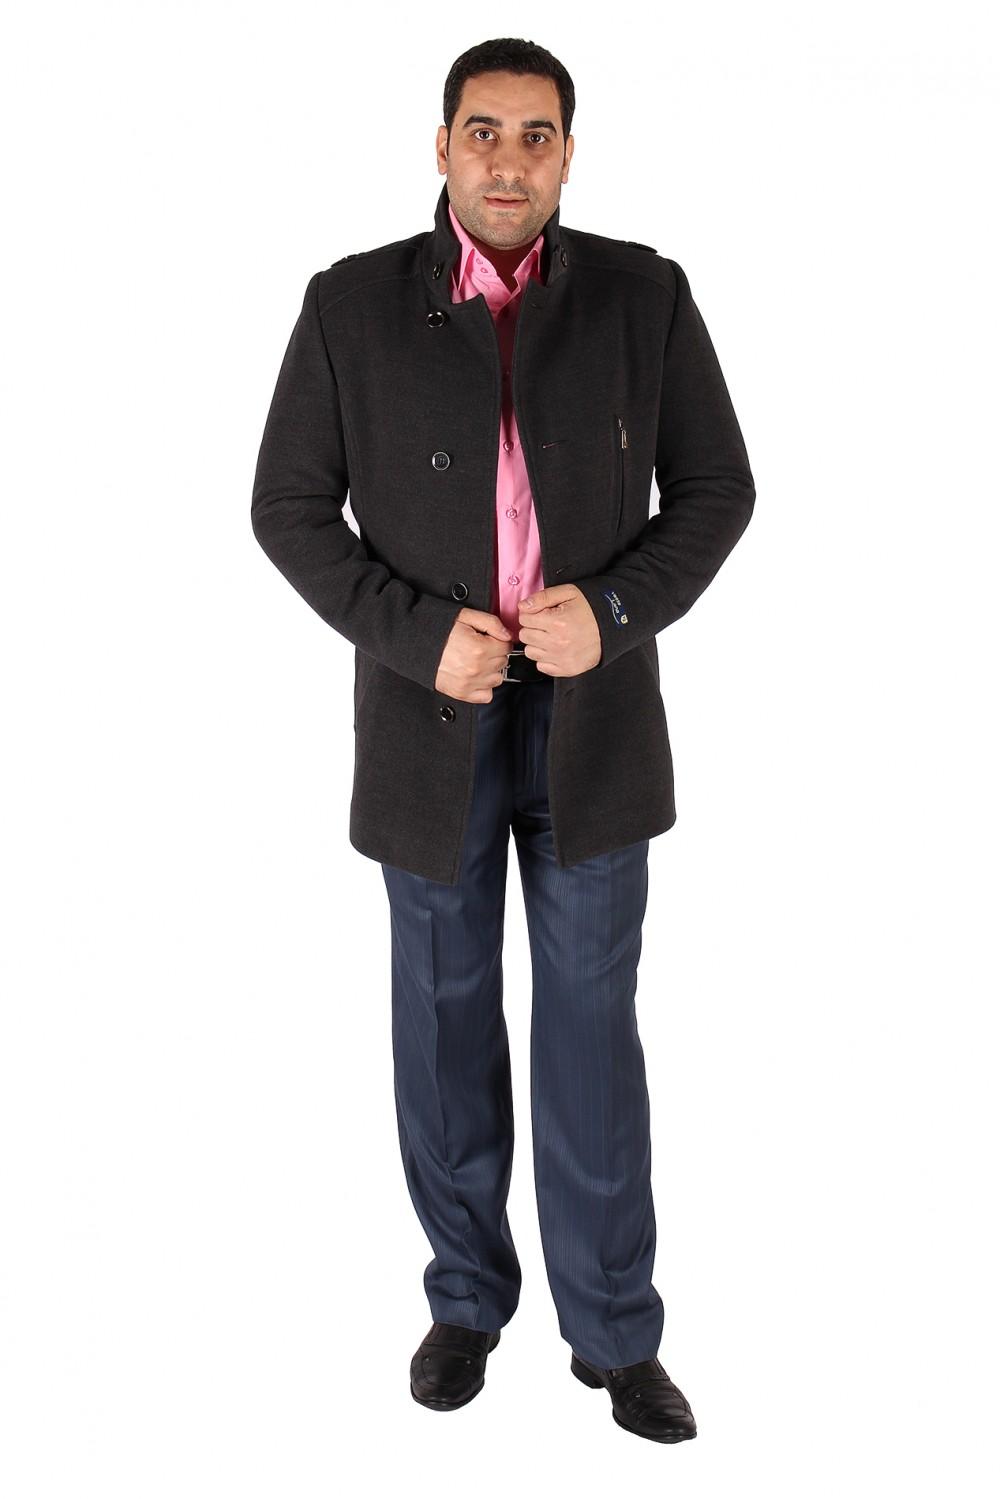 Купить оптом Полупальто мужское серого цвета Кс-25Sr в Самаре